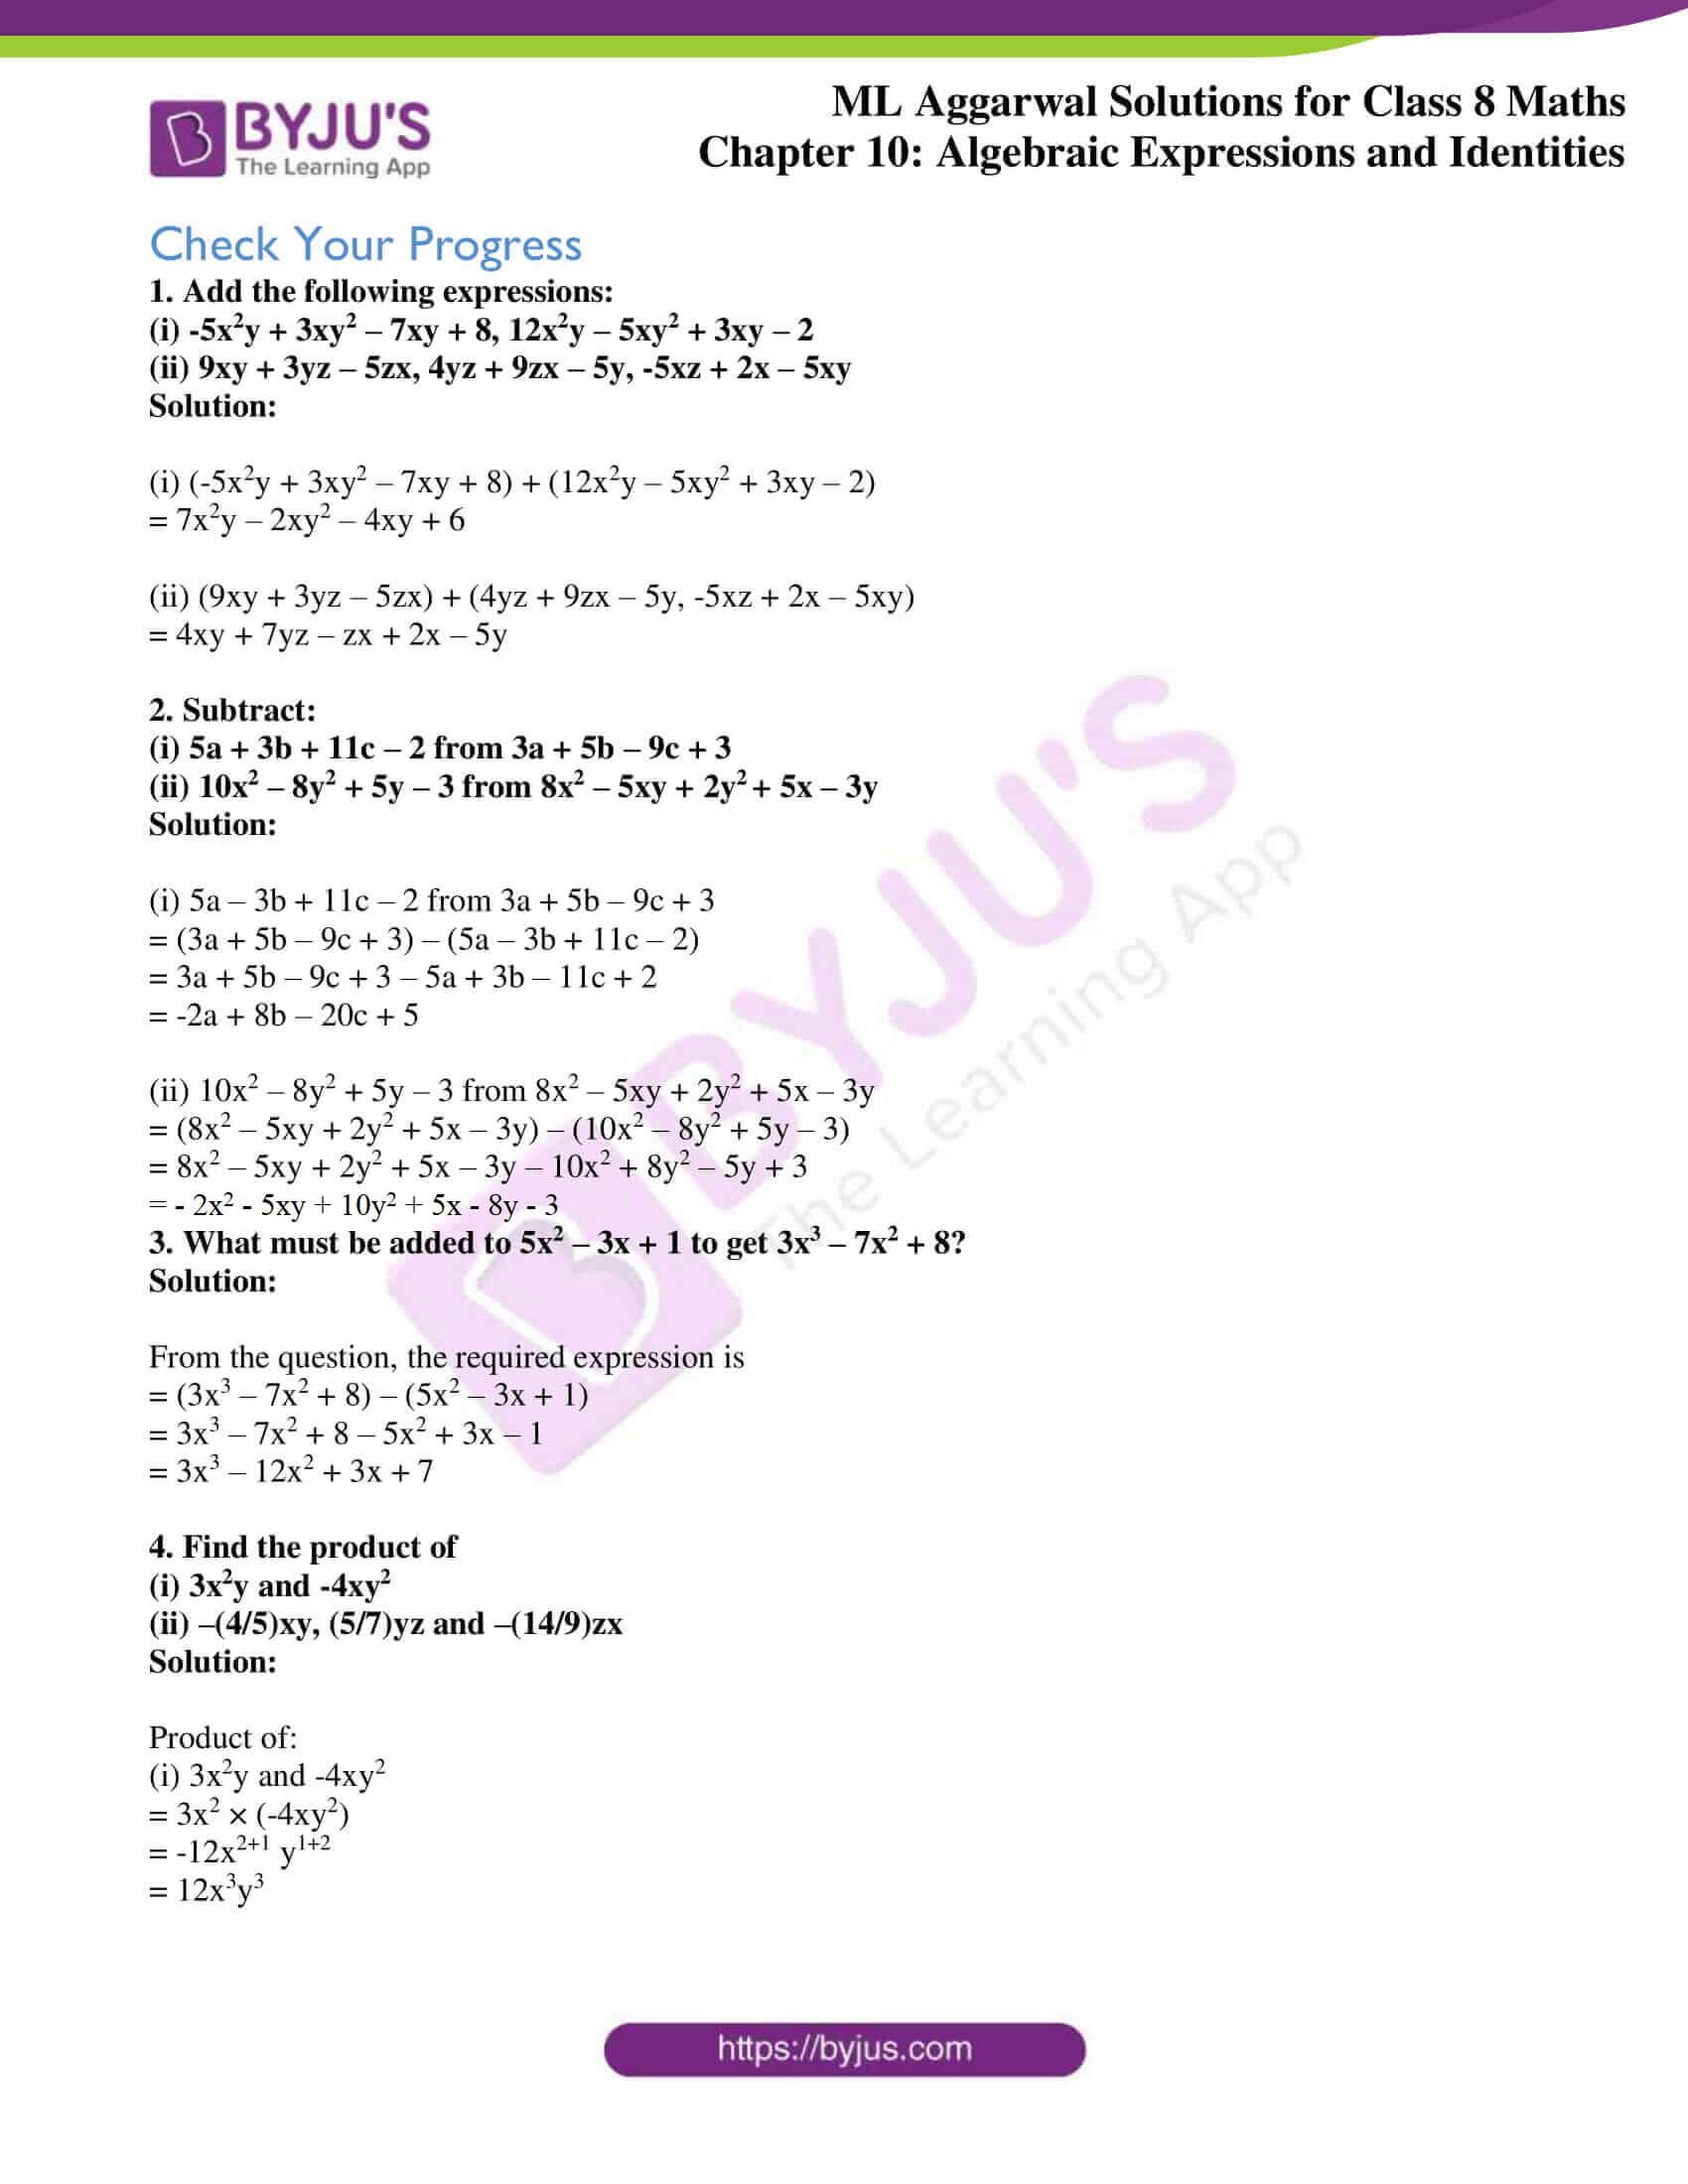 ml aggarwal sol mathematics class 8 ch 10 26